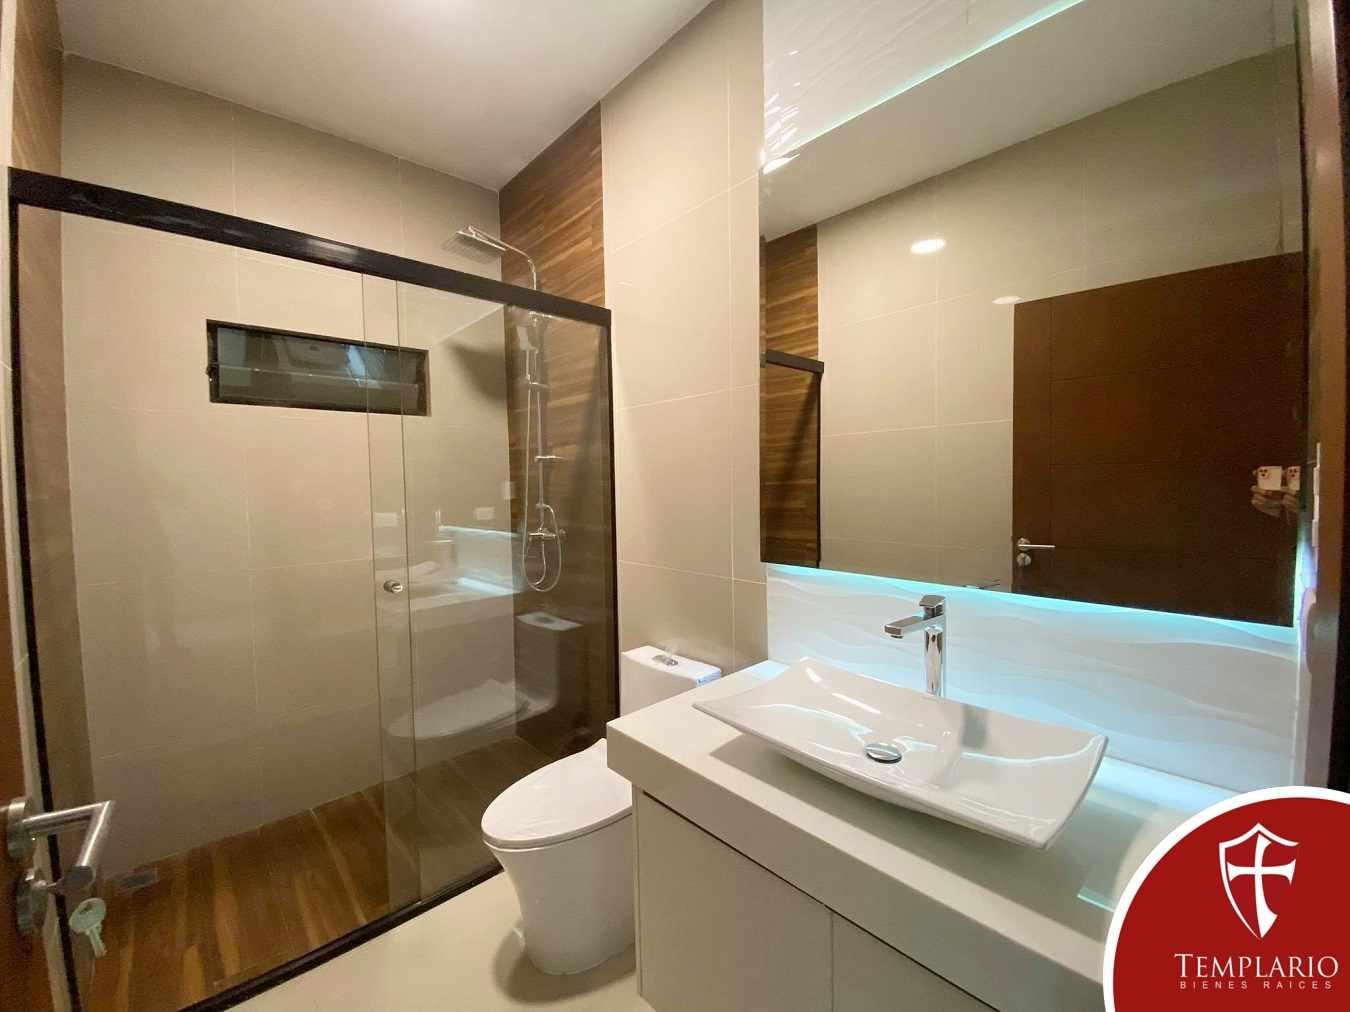 Casa en Venta Av. Banzer 8vo Anillo - Zona Norte Foto 11